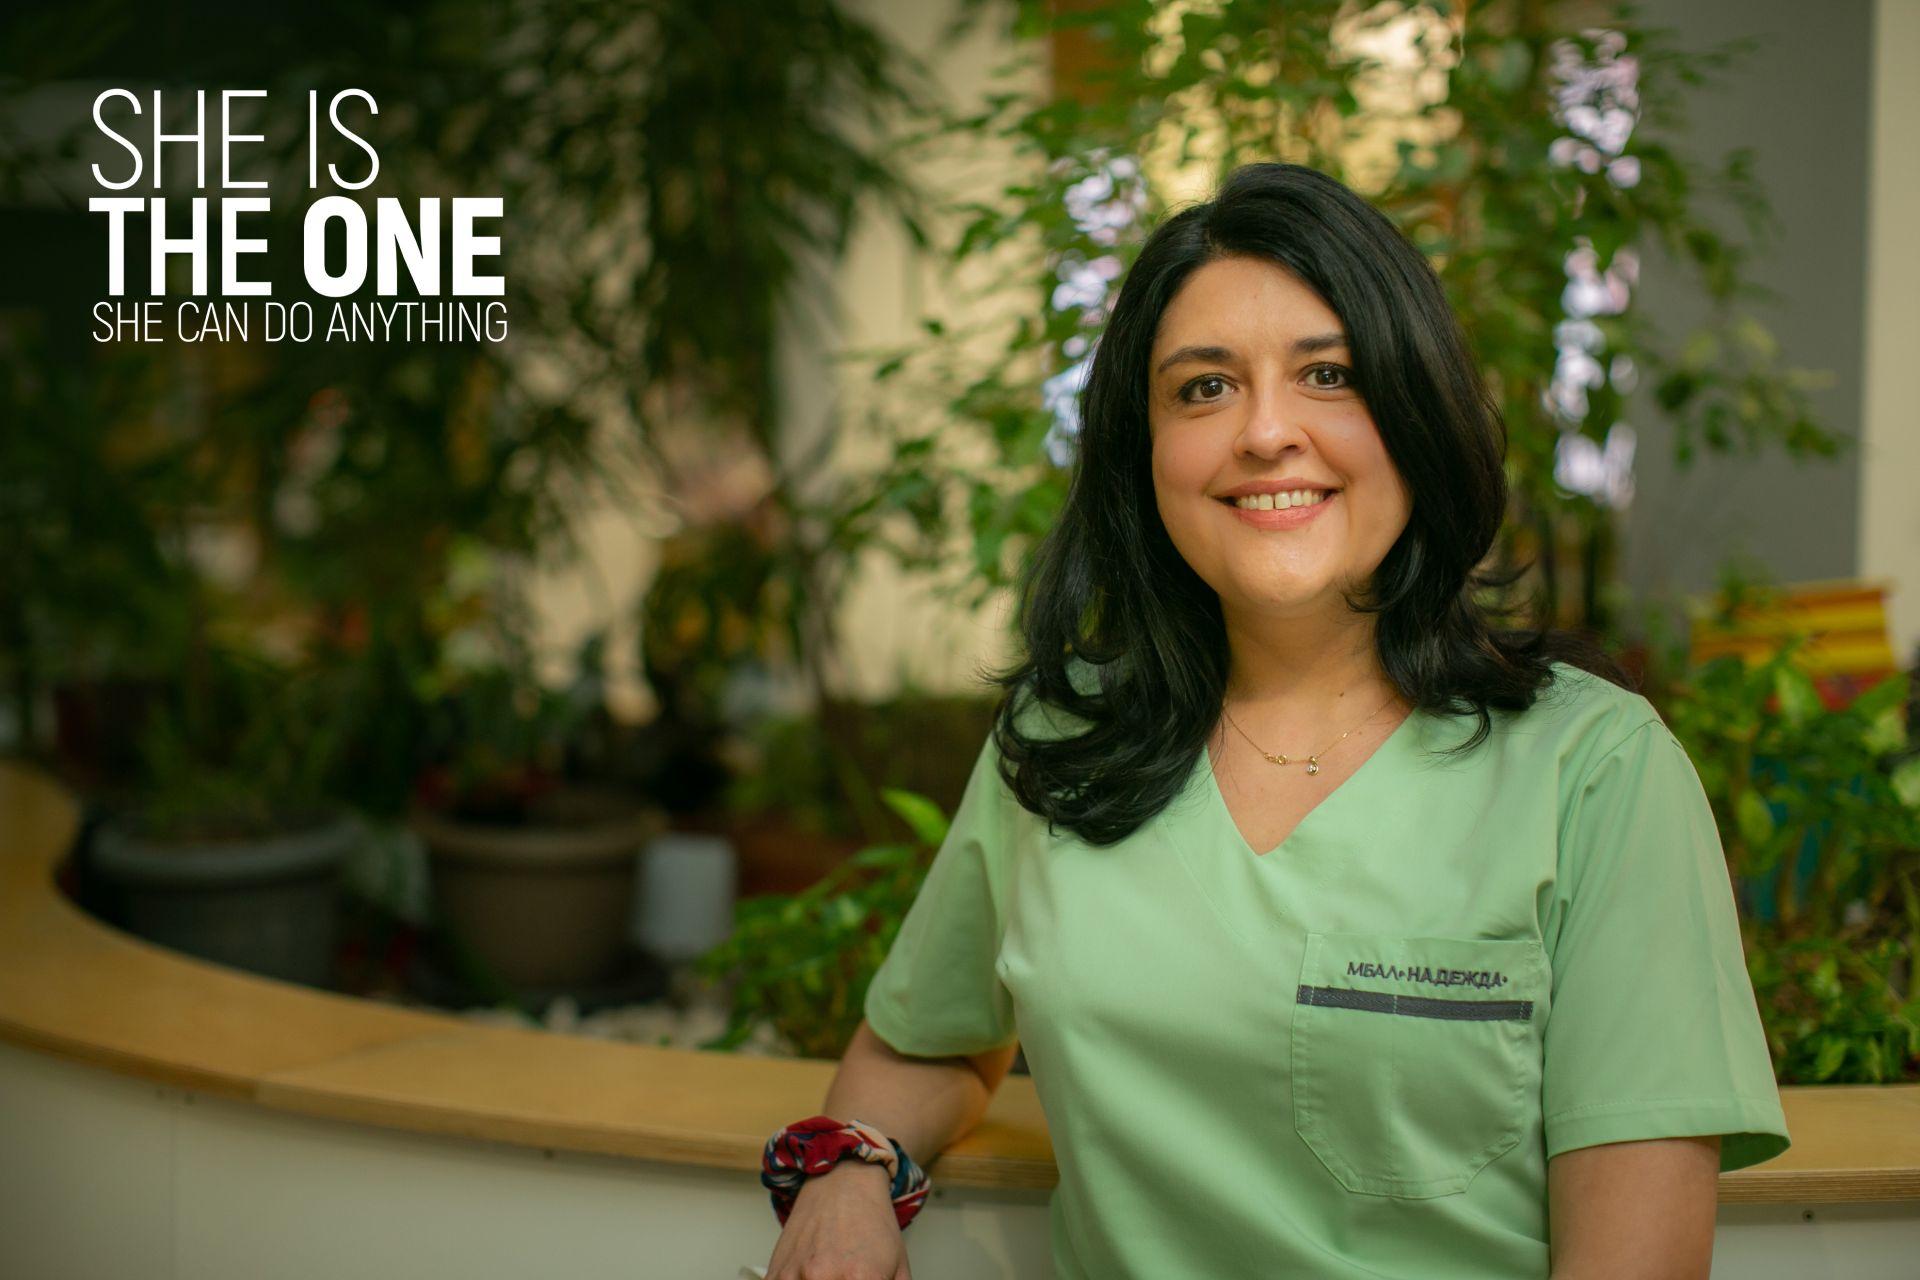 От 2010 г. съм част от екипа на болницата, с който извършват сложни, животоспасяващи операции